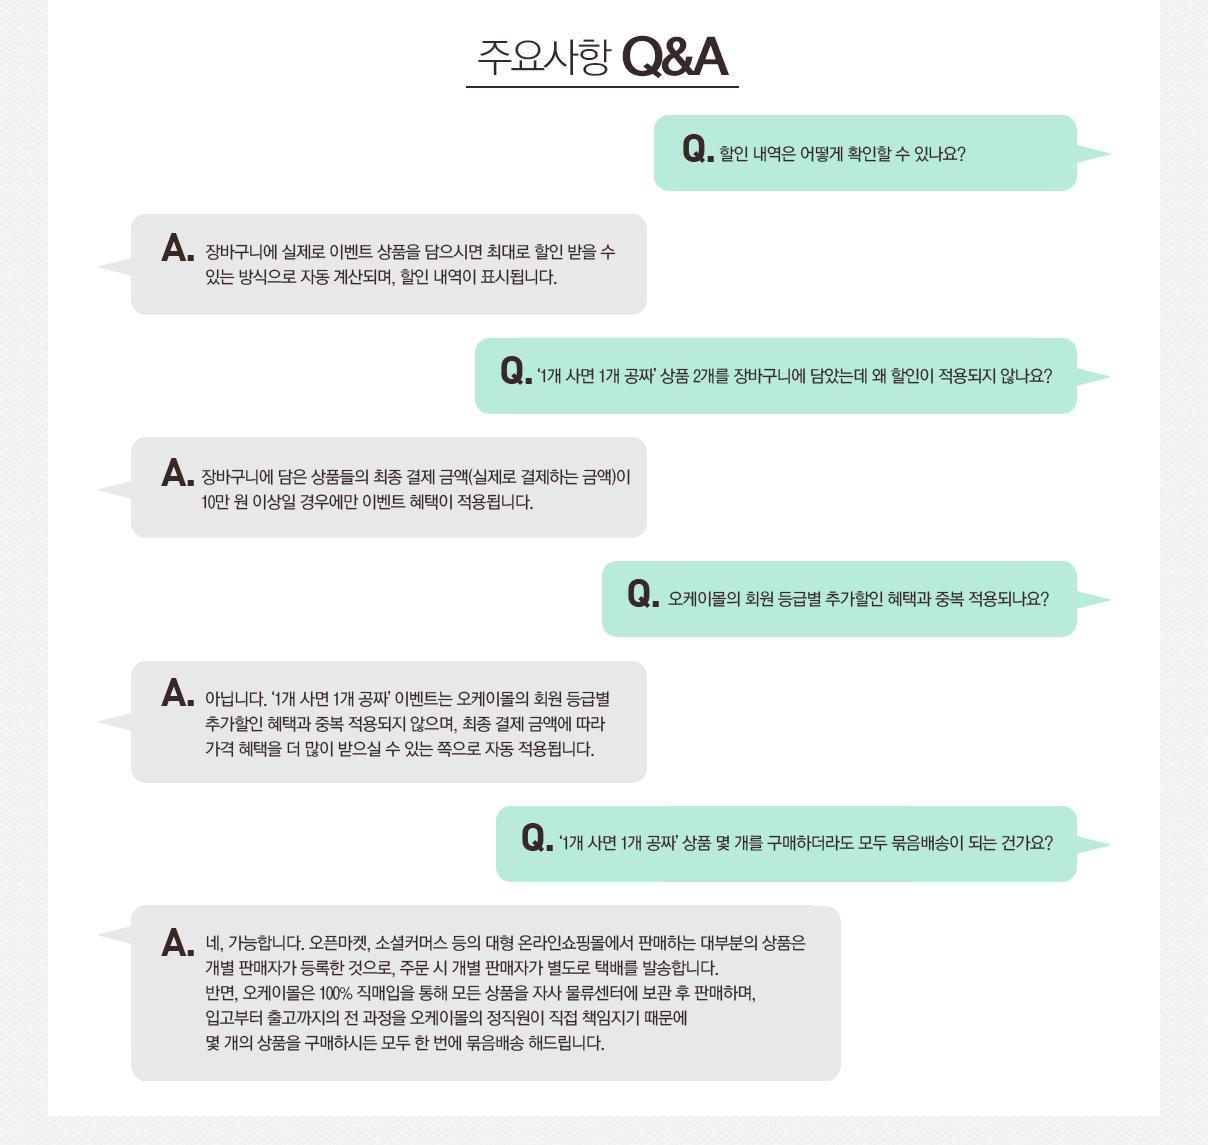 1사면1공짜 주요사항 Q&A